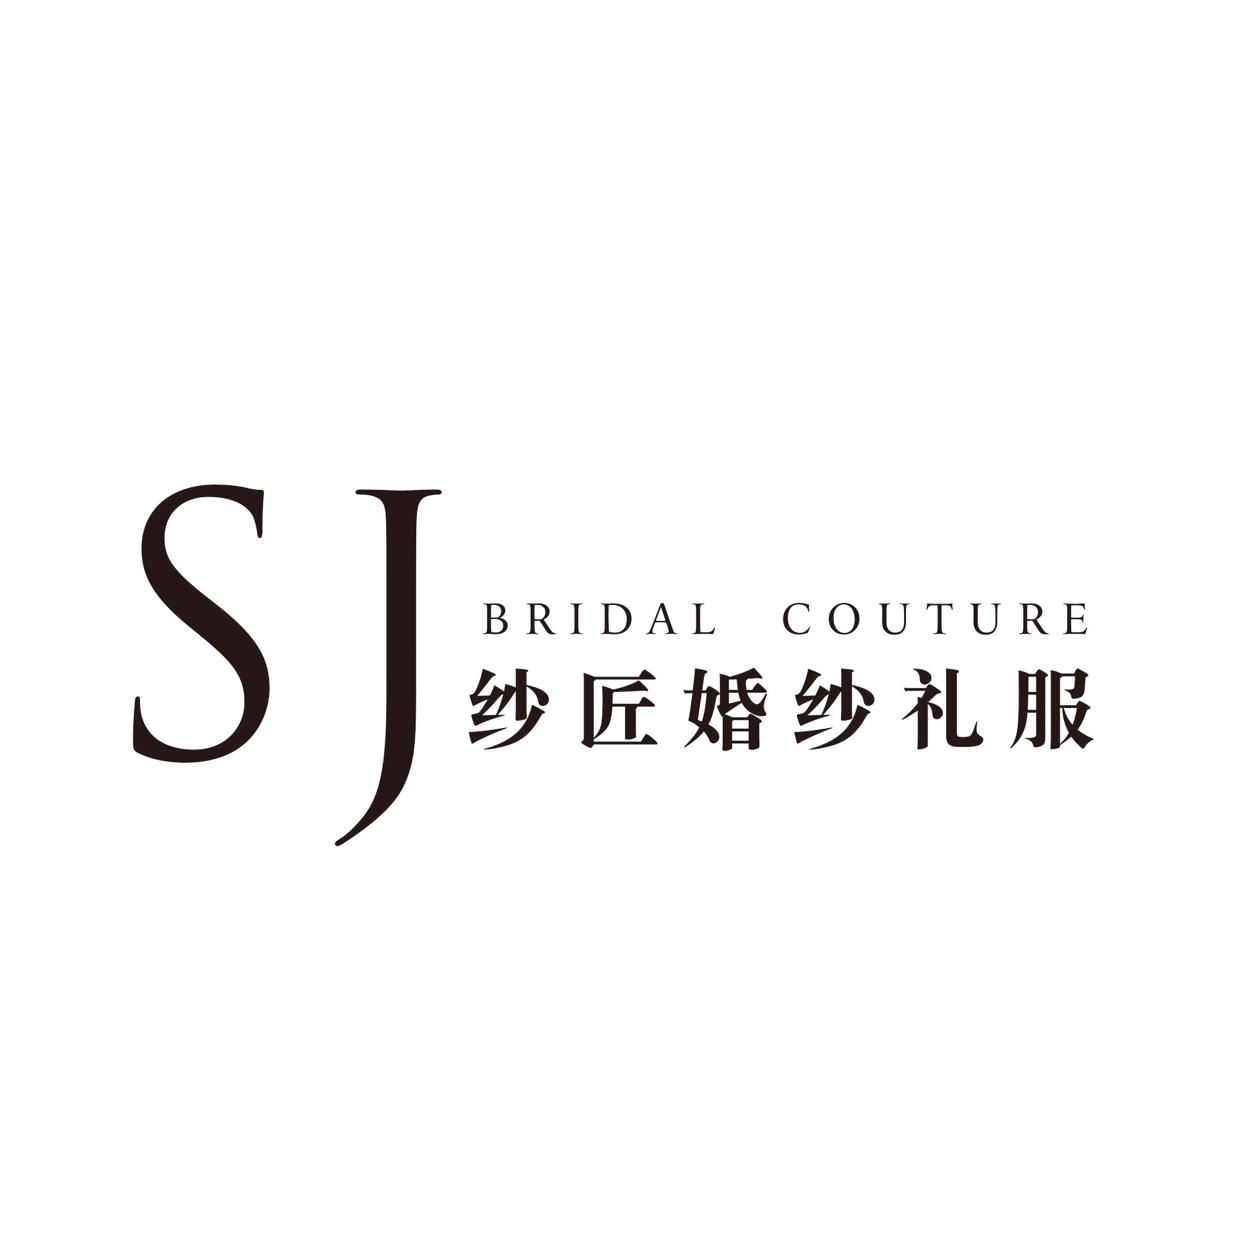 SJ纱匠婚纱礼服